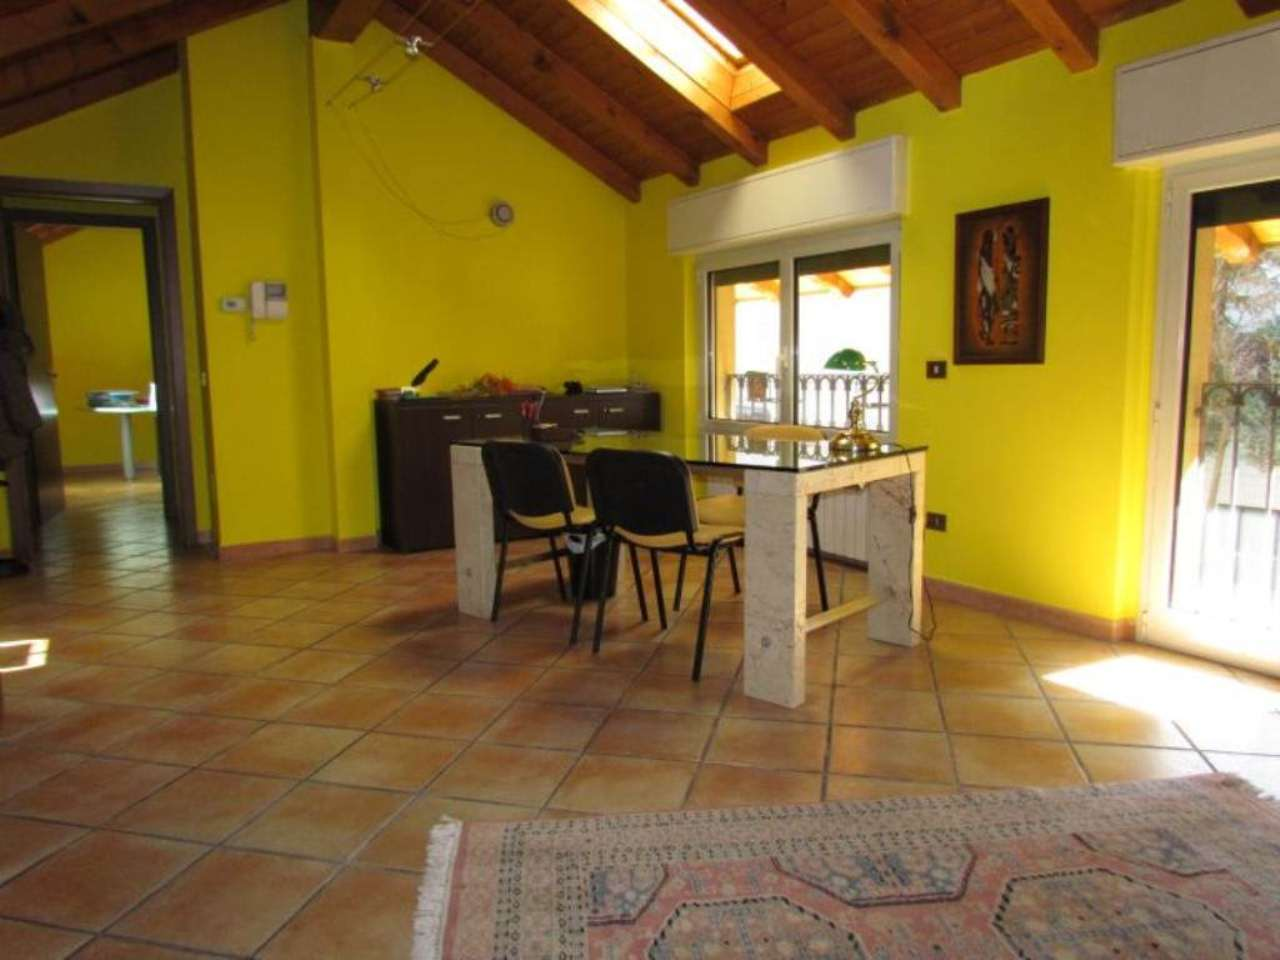 Ufficio / Studio in affitto a Tradate, 2 locali, prezzo € 625 | CambioCasa.it